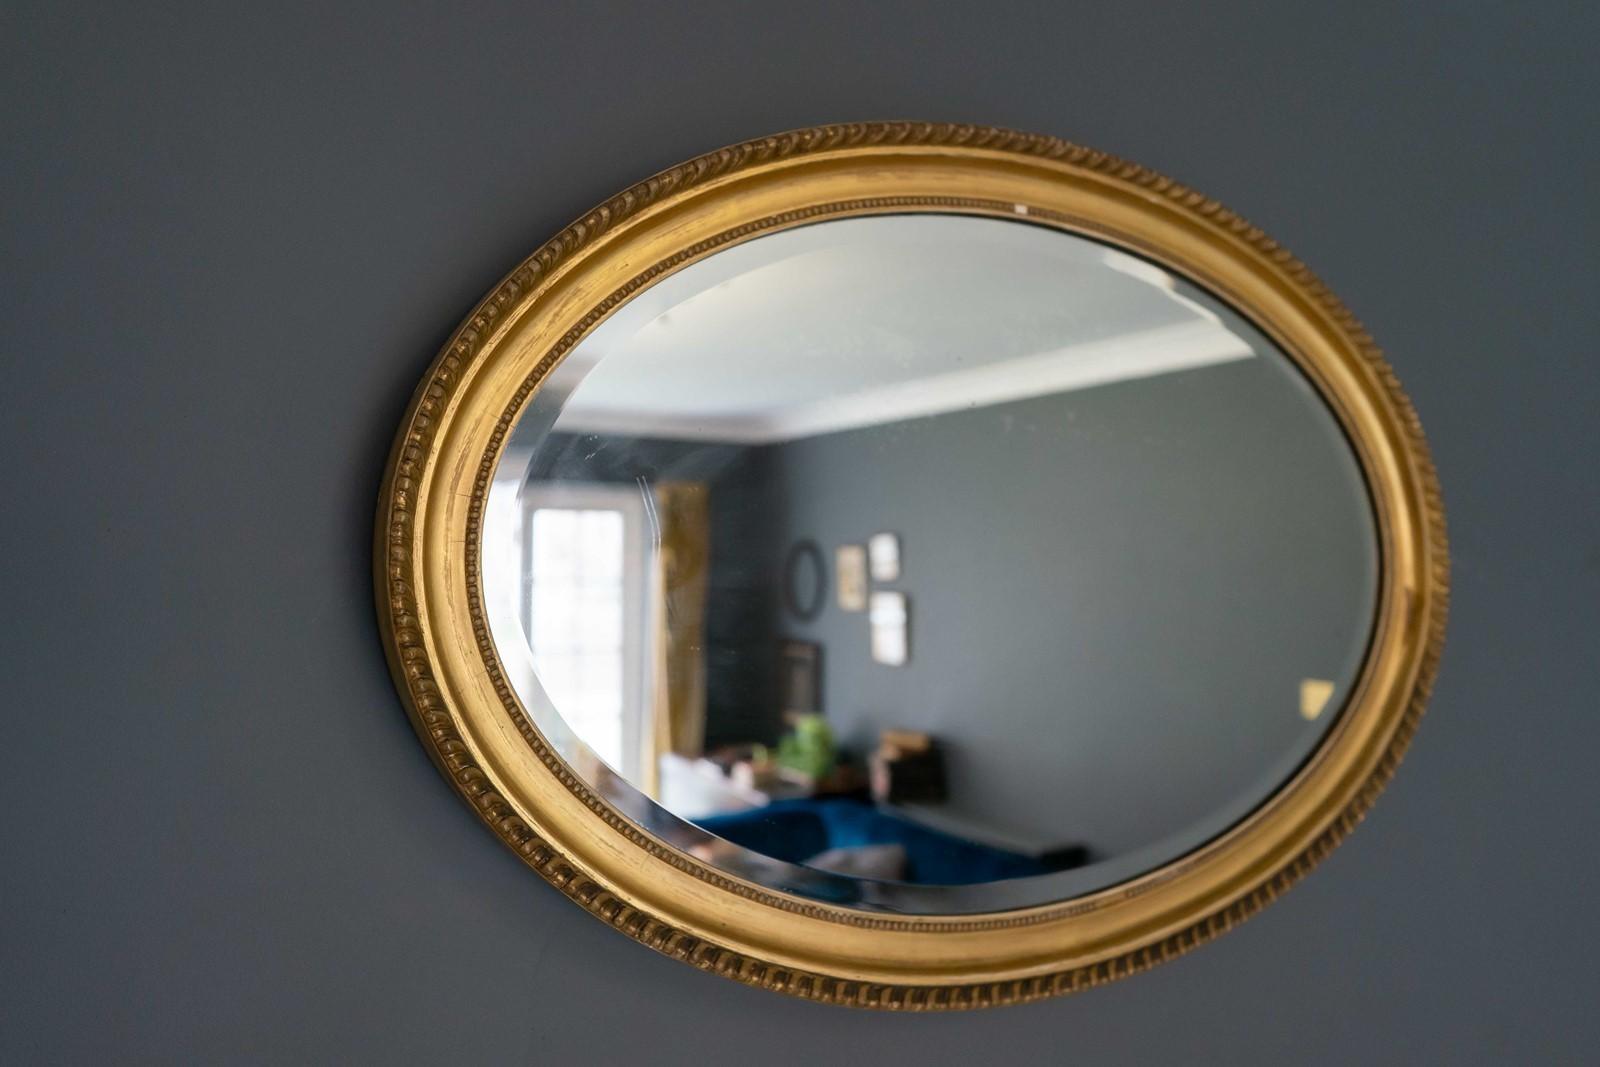 gilt brass round vintage antique wall mirror